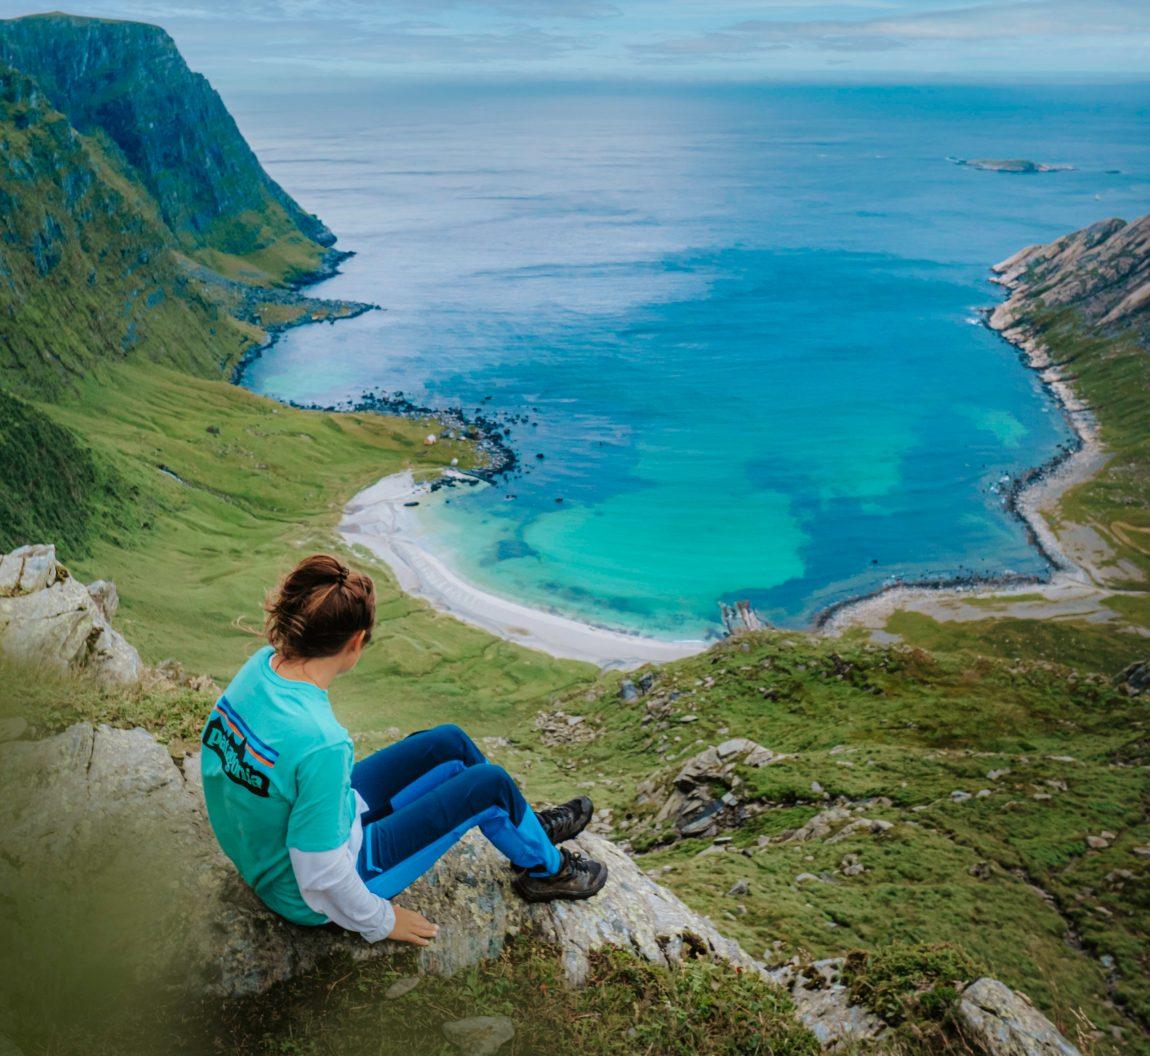 Oppe i fjellhugget, rett over en strand med turkist og lyseblått vann, sitter Helene og stirrer utover horisonten. Hun er helt alene i bildet som strekker seg i flere kilometer, både på land og til havs. Dette er et melankolsk og vakkert landskapsfoto av et isolert kjær – Vetvika.